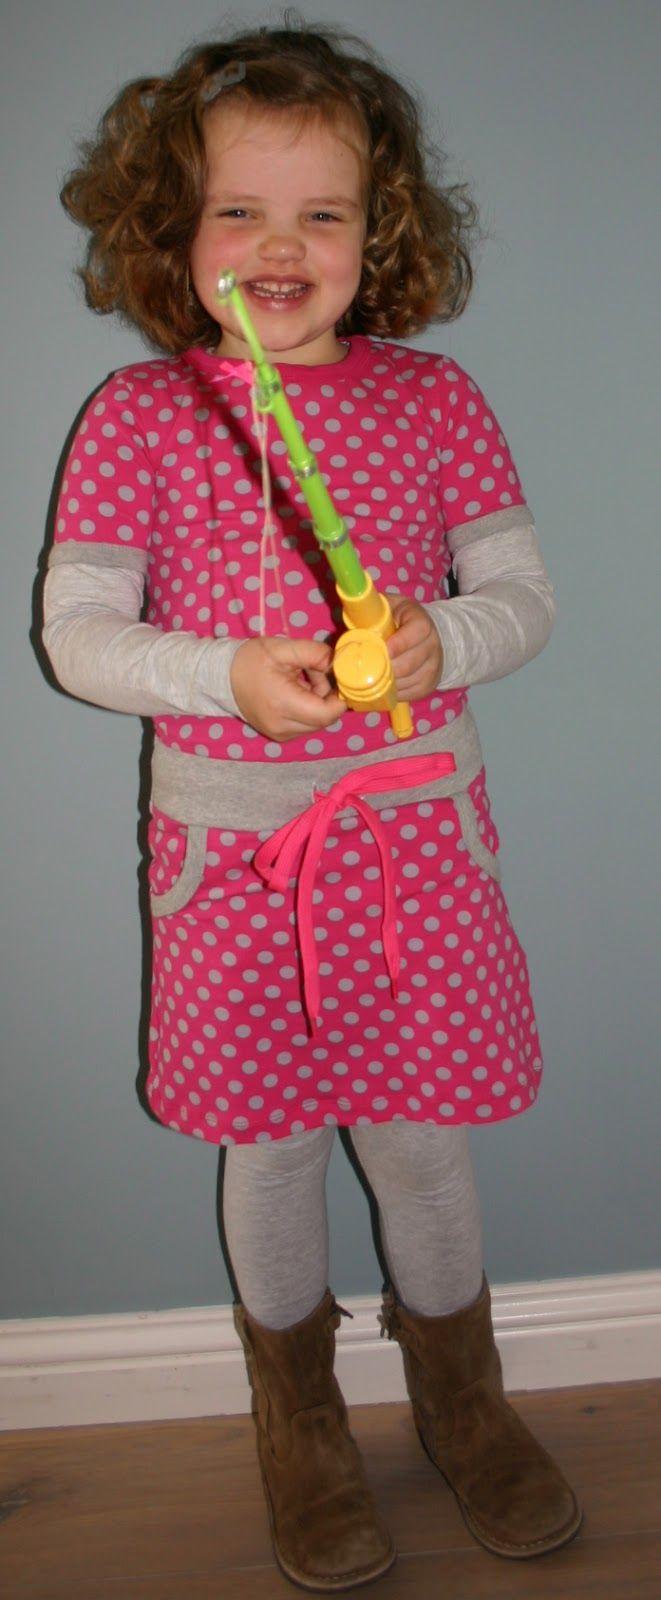 Omdat de meisjes het zo leuk vinden heb ik ook deze lente weer een 'tweeling' outfit gemaakt voor de nichtjes Fenne en Lieke. Ik kreeg het g...